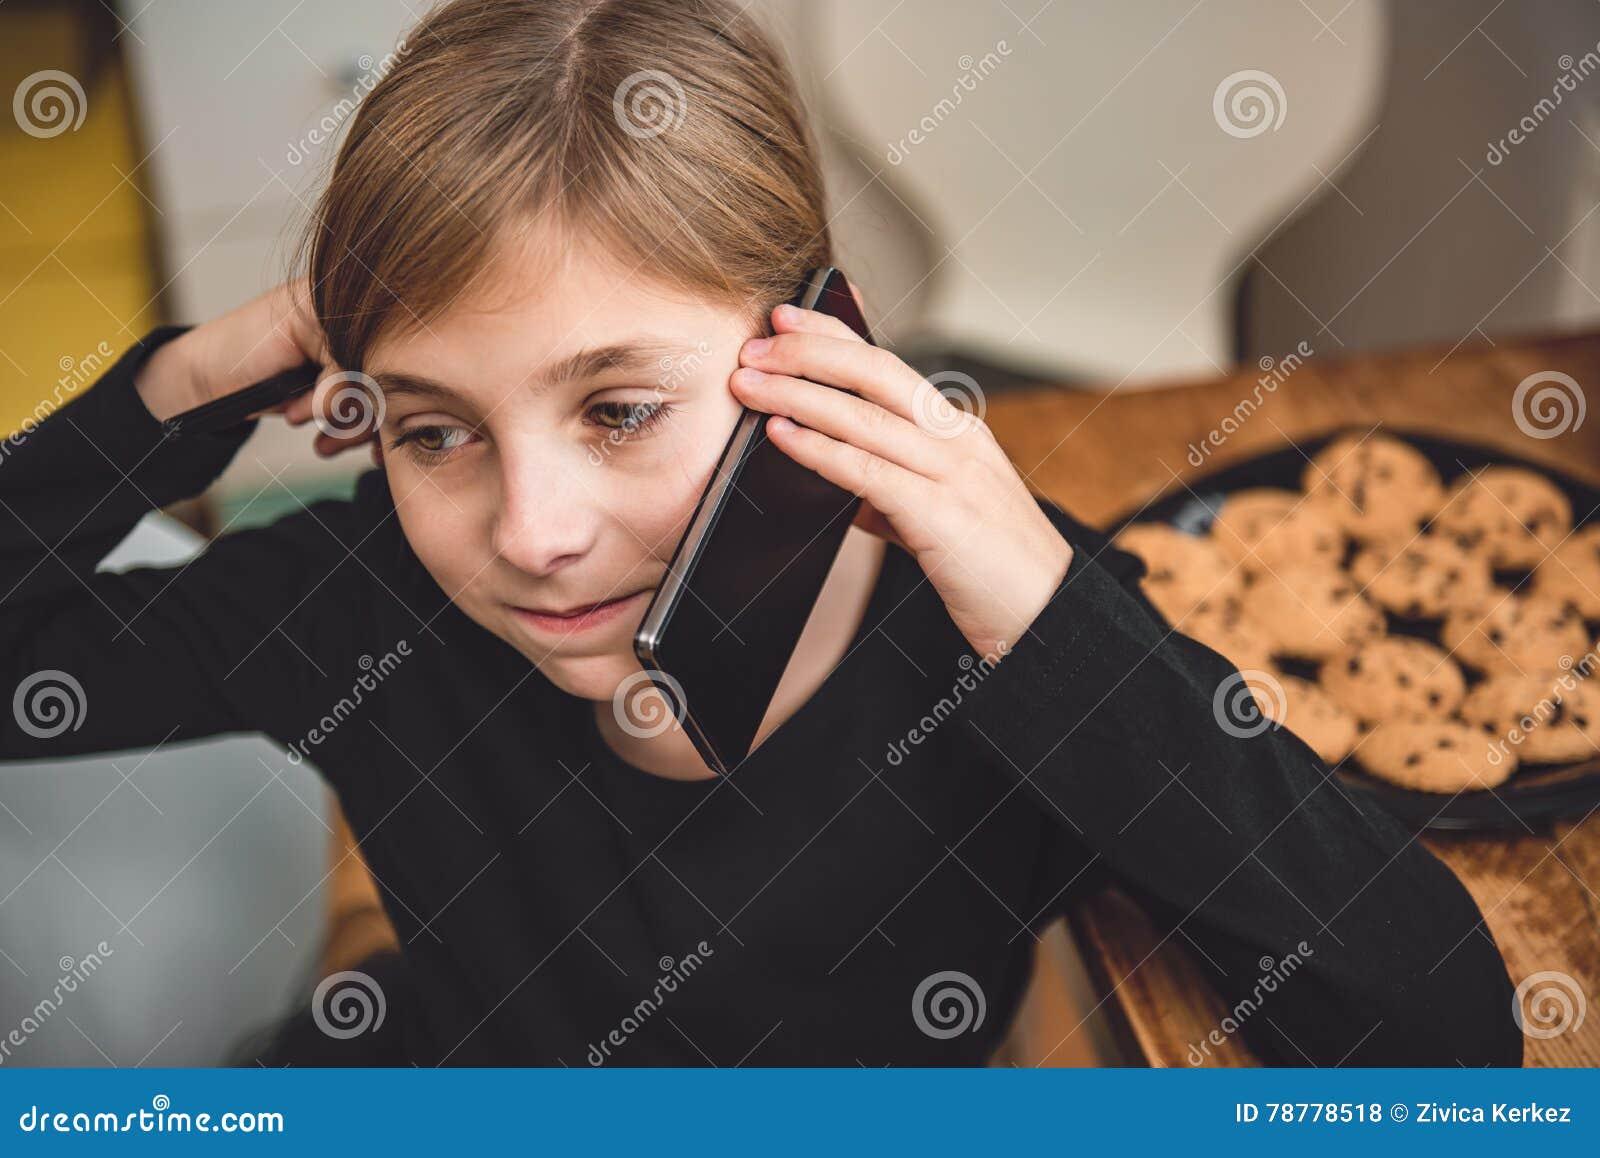 Petite fille ayant un appel téléphonique